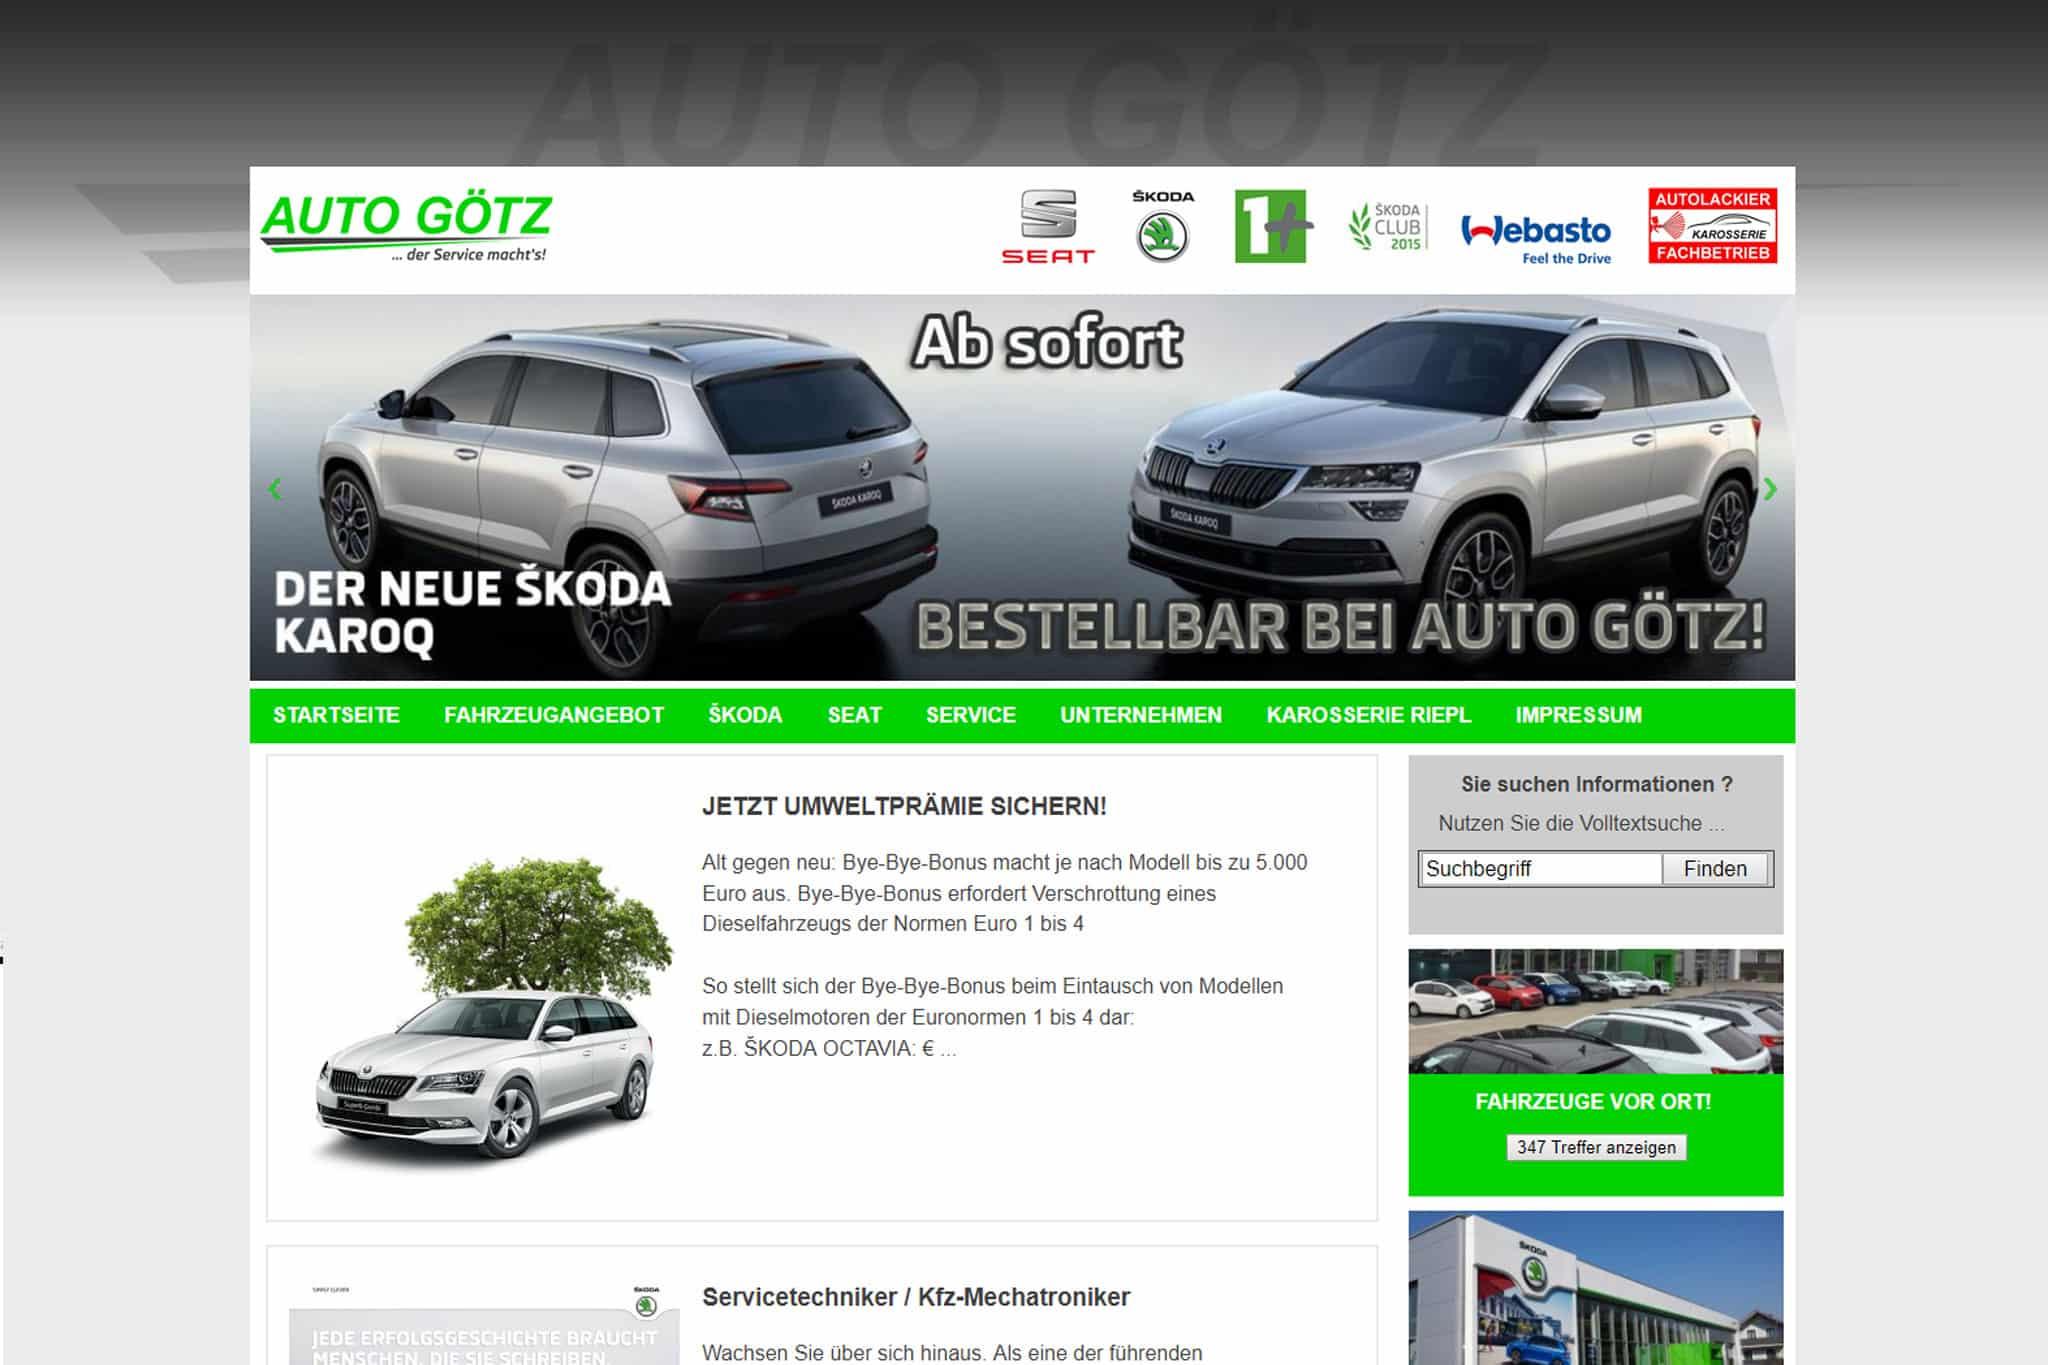 Referenzbild Autohaus Götz GmbH - Internetauftritte